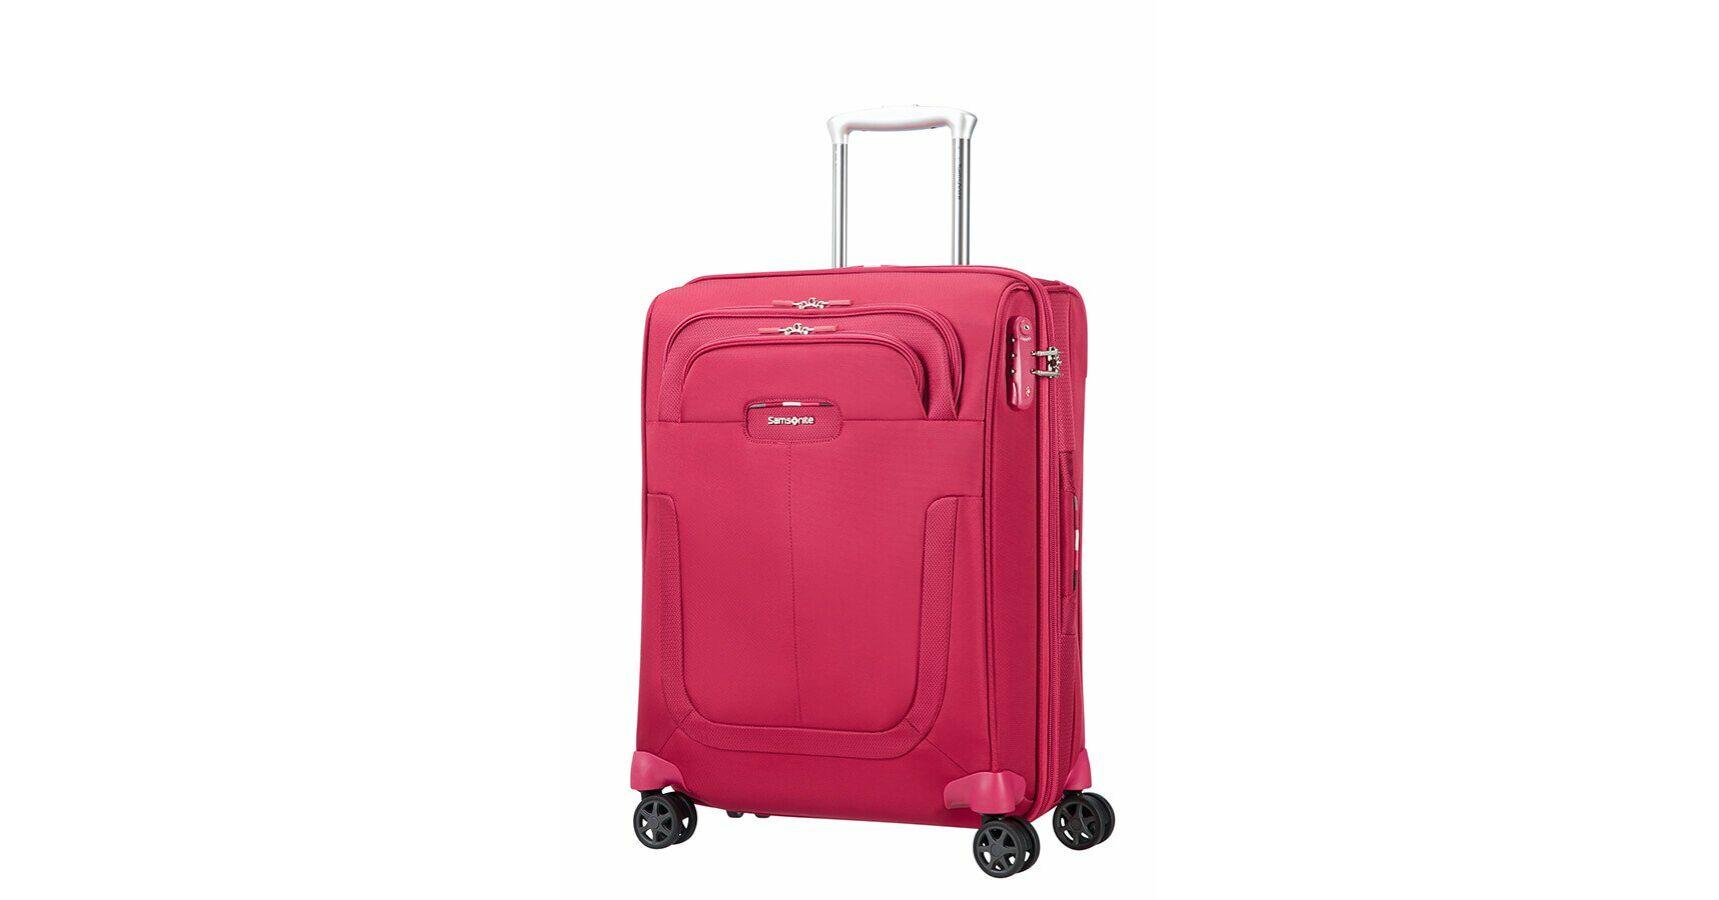 9df203bca9d5 Samsonite Duosphere Spinner bővíthető bőrönd 55 cm - Wizzair méretű  bőröndök 55 x 40 x 23 cm elsőbbségi beszálással felvihető - Etáska -  minőségi táska ...